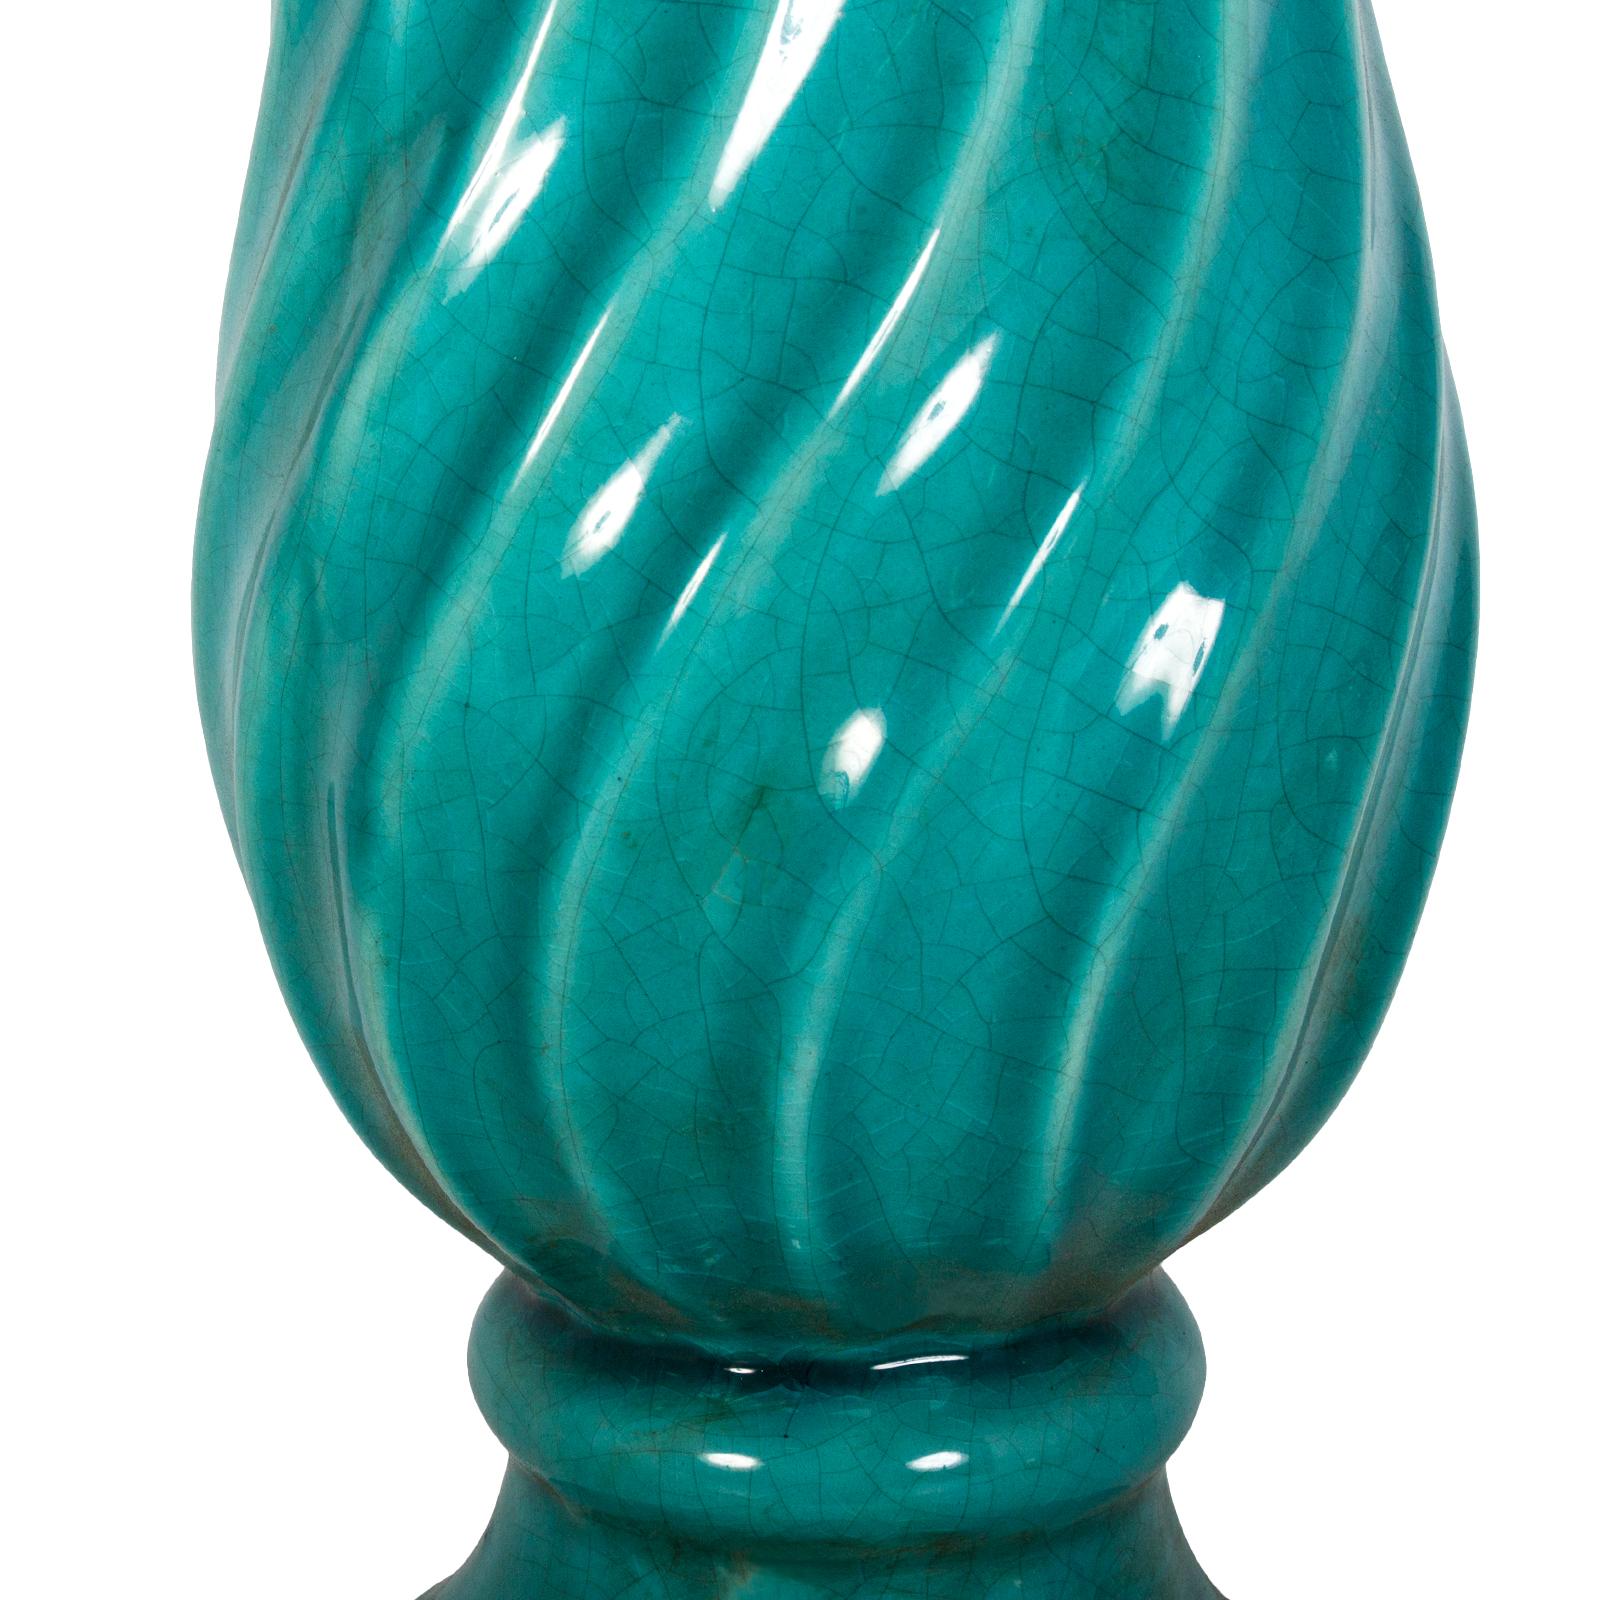 Teal vase rentals event decor rental sarcelle vase 1 tall reviewsmspy